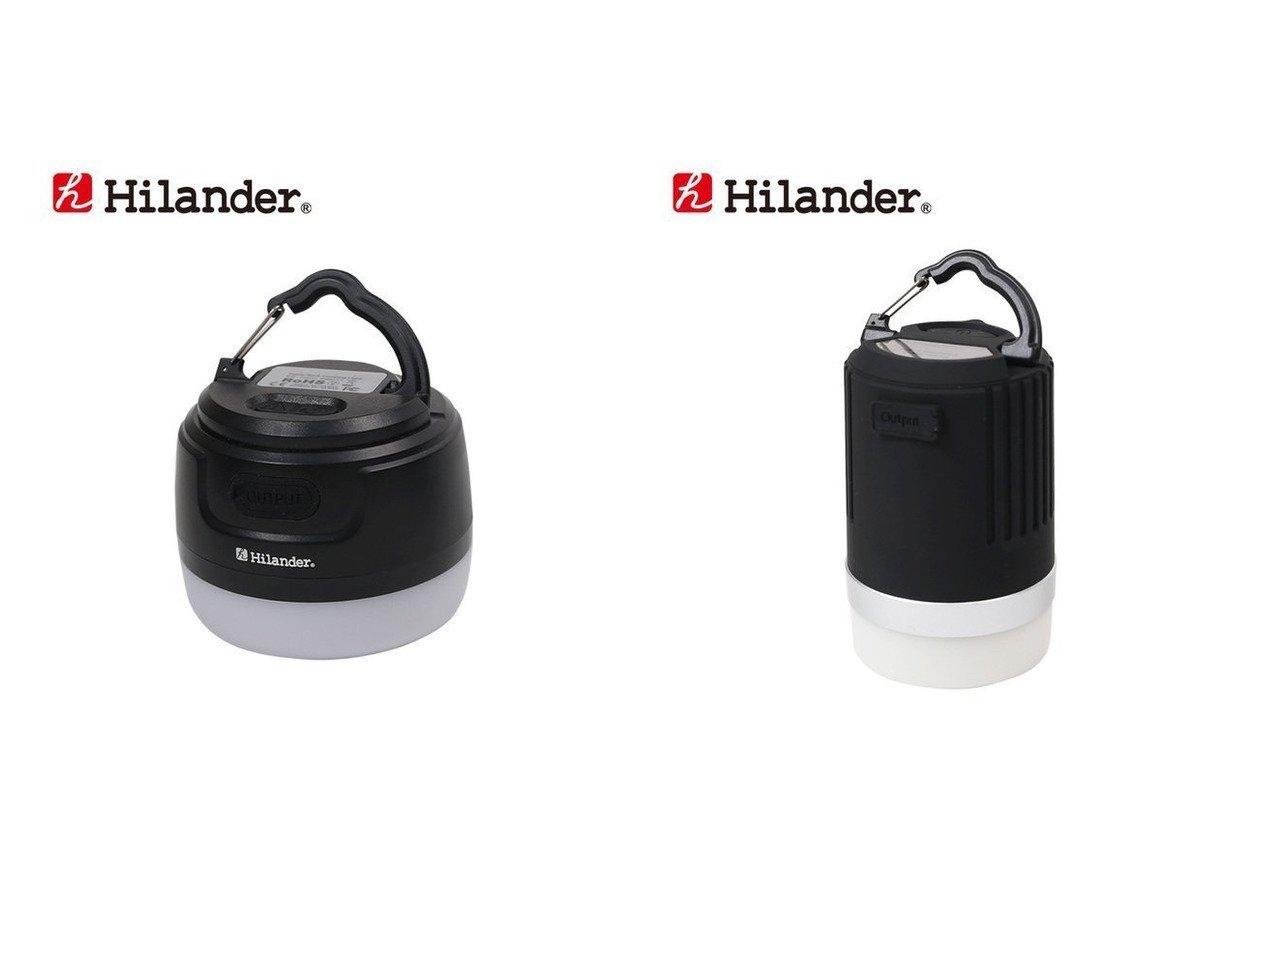 【Hilander/ハイランダー】のLEDランタン(USB充電式) 12800mAh&LEDランタン(USB充電式) 5200mAh 【LEDランタン お家時間】おすすめ!人気キャンプ・アウトドア用品の通販 おすすめで人気の流行・トレンド、ファッションの通販商品 インテリア・家具・メンズファッション・キッズファッション・レディースファッション・服の通販 founy(ファニー) https://founy.com/ アウトドア ホーム・キャンプ・アウトドア Home,Garden,Outdoor,Camping Gear キャンプ用品・アウトドア  Camping Gear & Outdoor Supplies ランタン ライト Lantern, Light ホーム・キャンプ・アウトドア Home,Garden,Outdoor,Camping Gear キャンプ用品・アウトドア  Camping Gear & Outdoor Supplies バッテリー 充電ケーブル Battery, Charging |ID:crp329100000053689